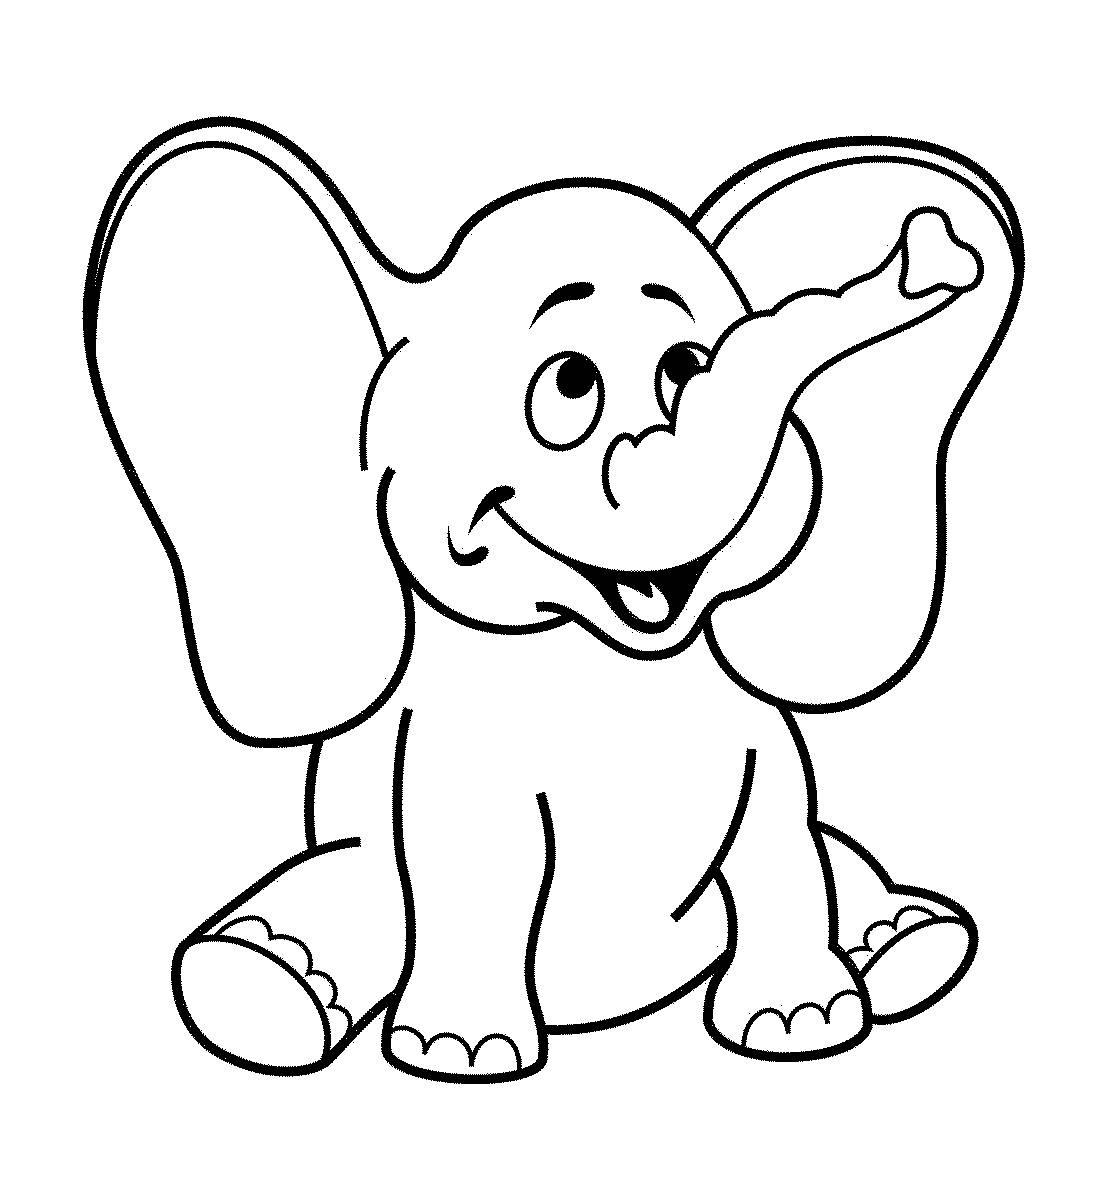 Dibujos De Elefantes Tiernos Para Colorear